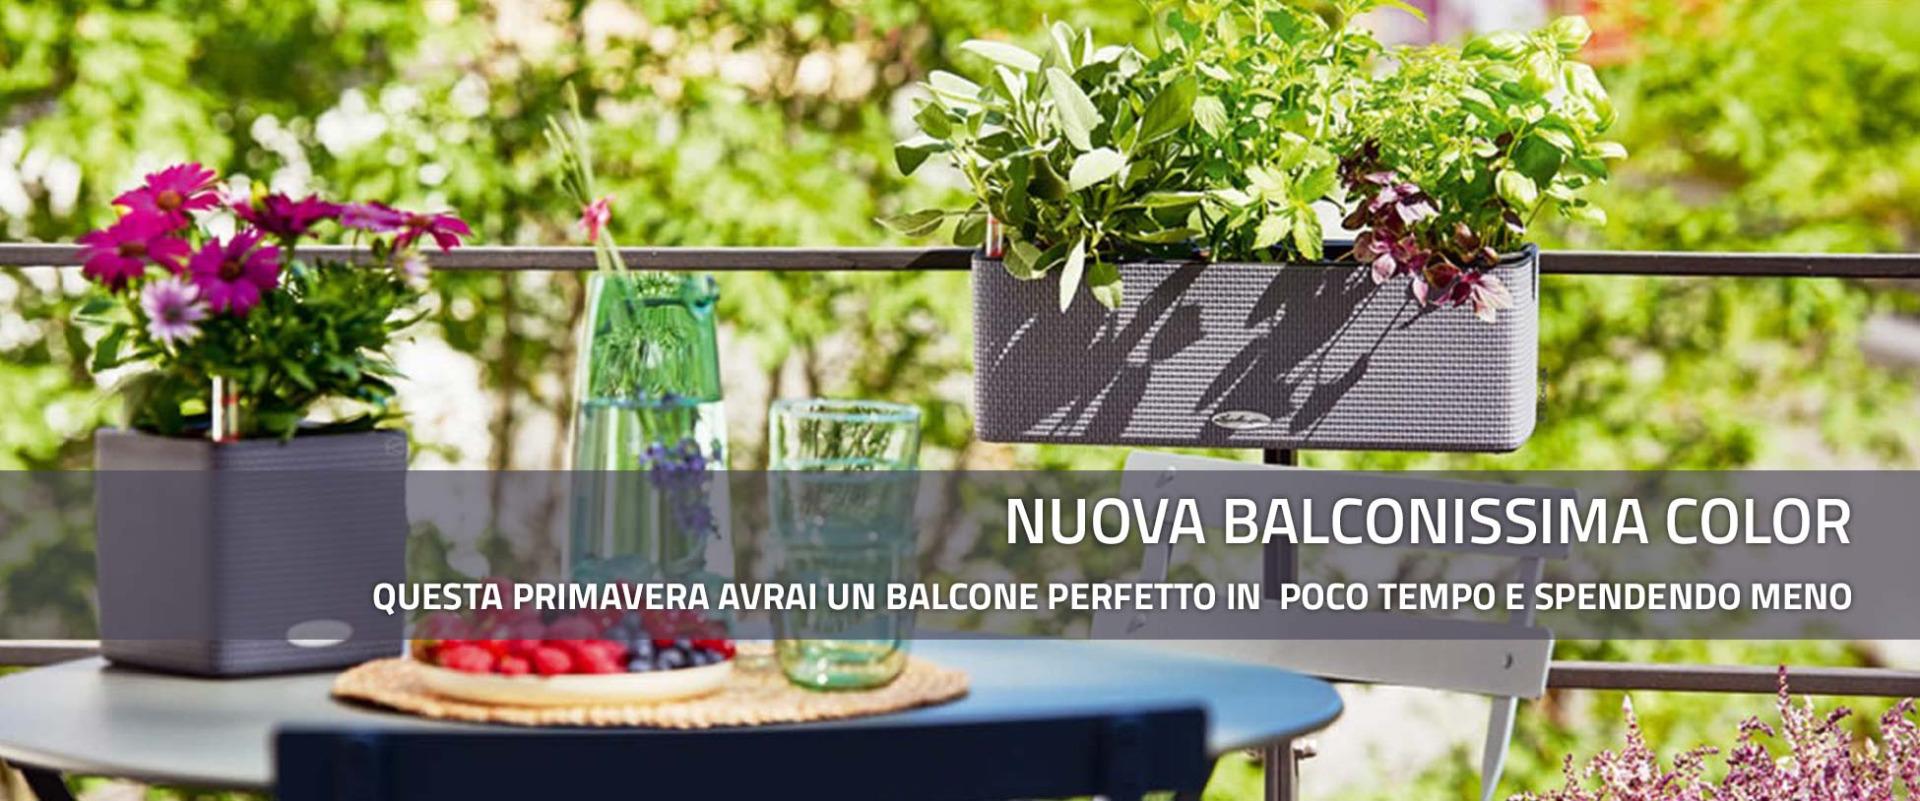 Nuova fioriera Balconissima Color Lechuza